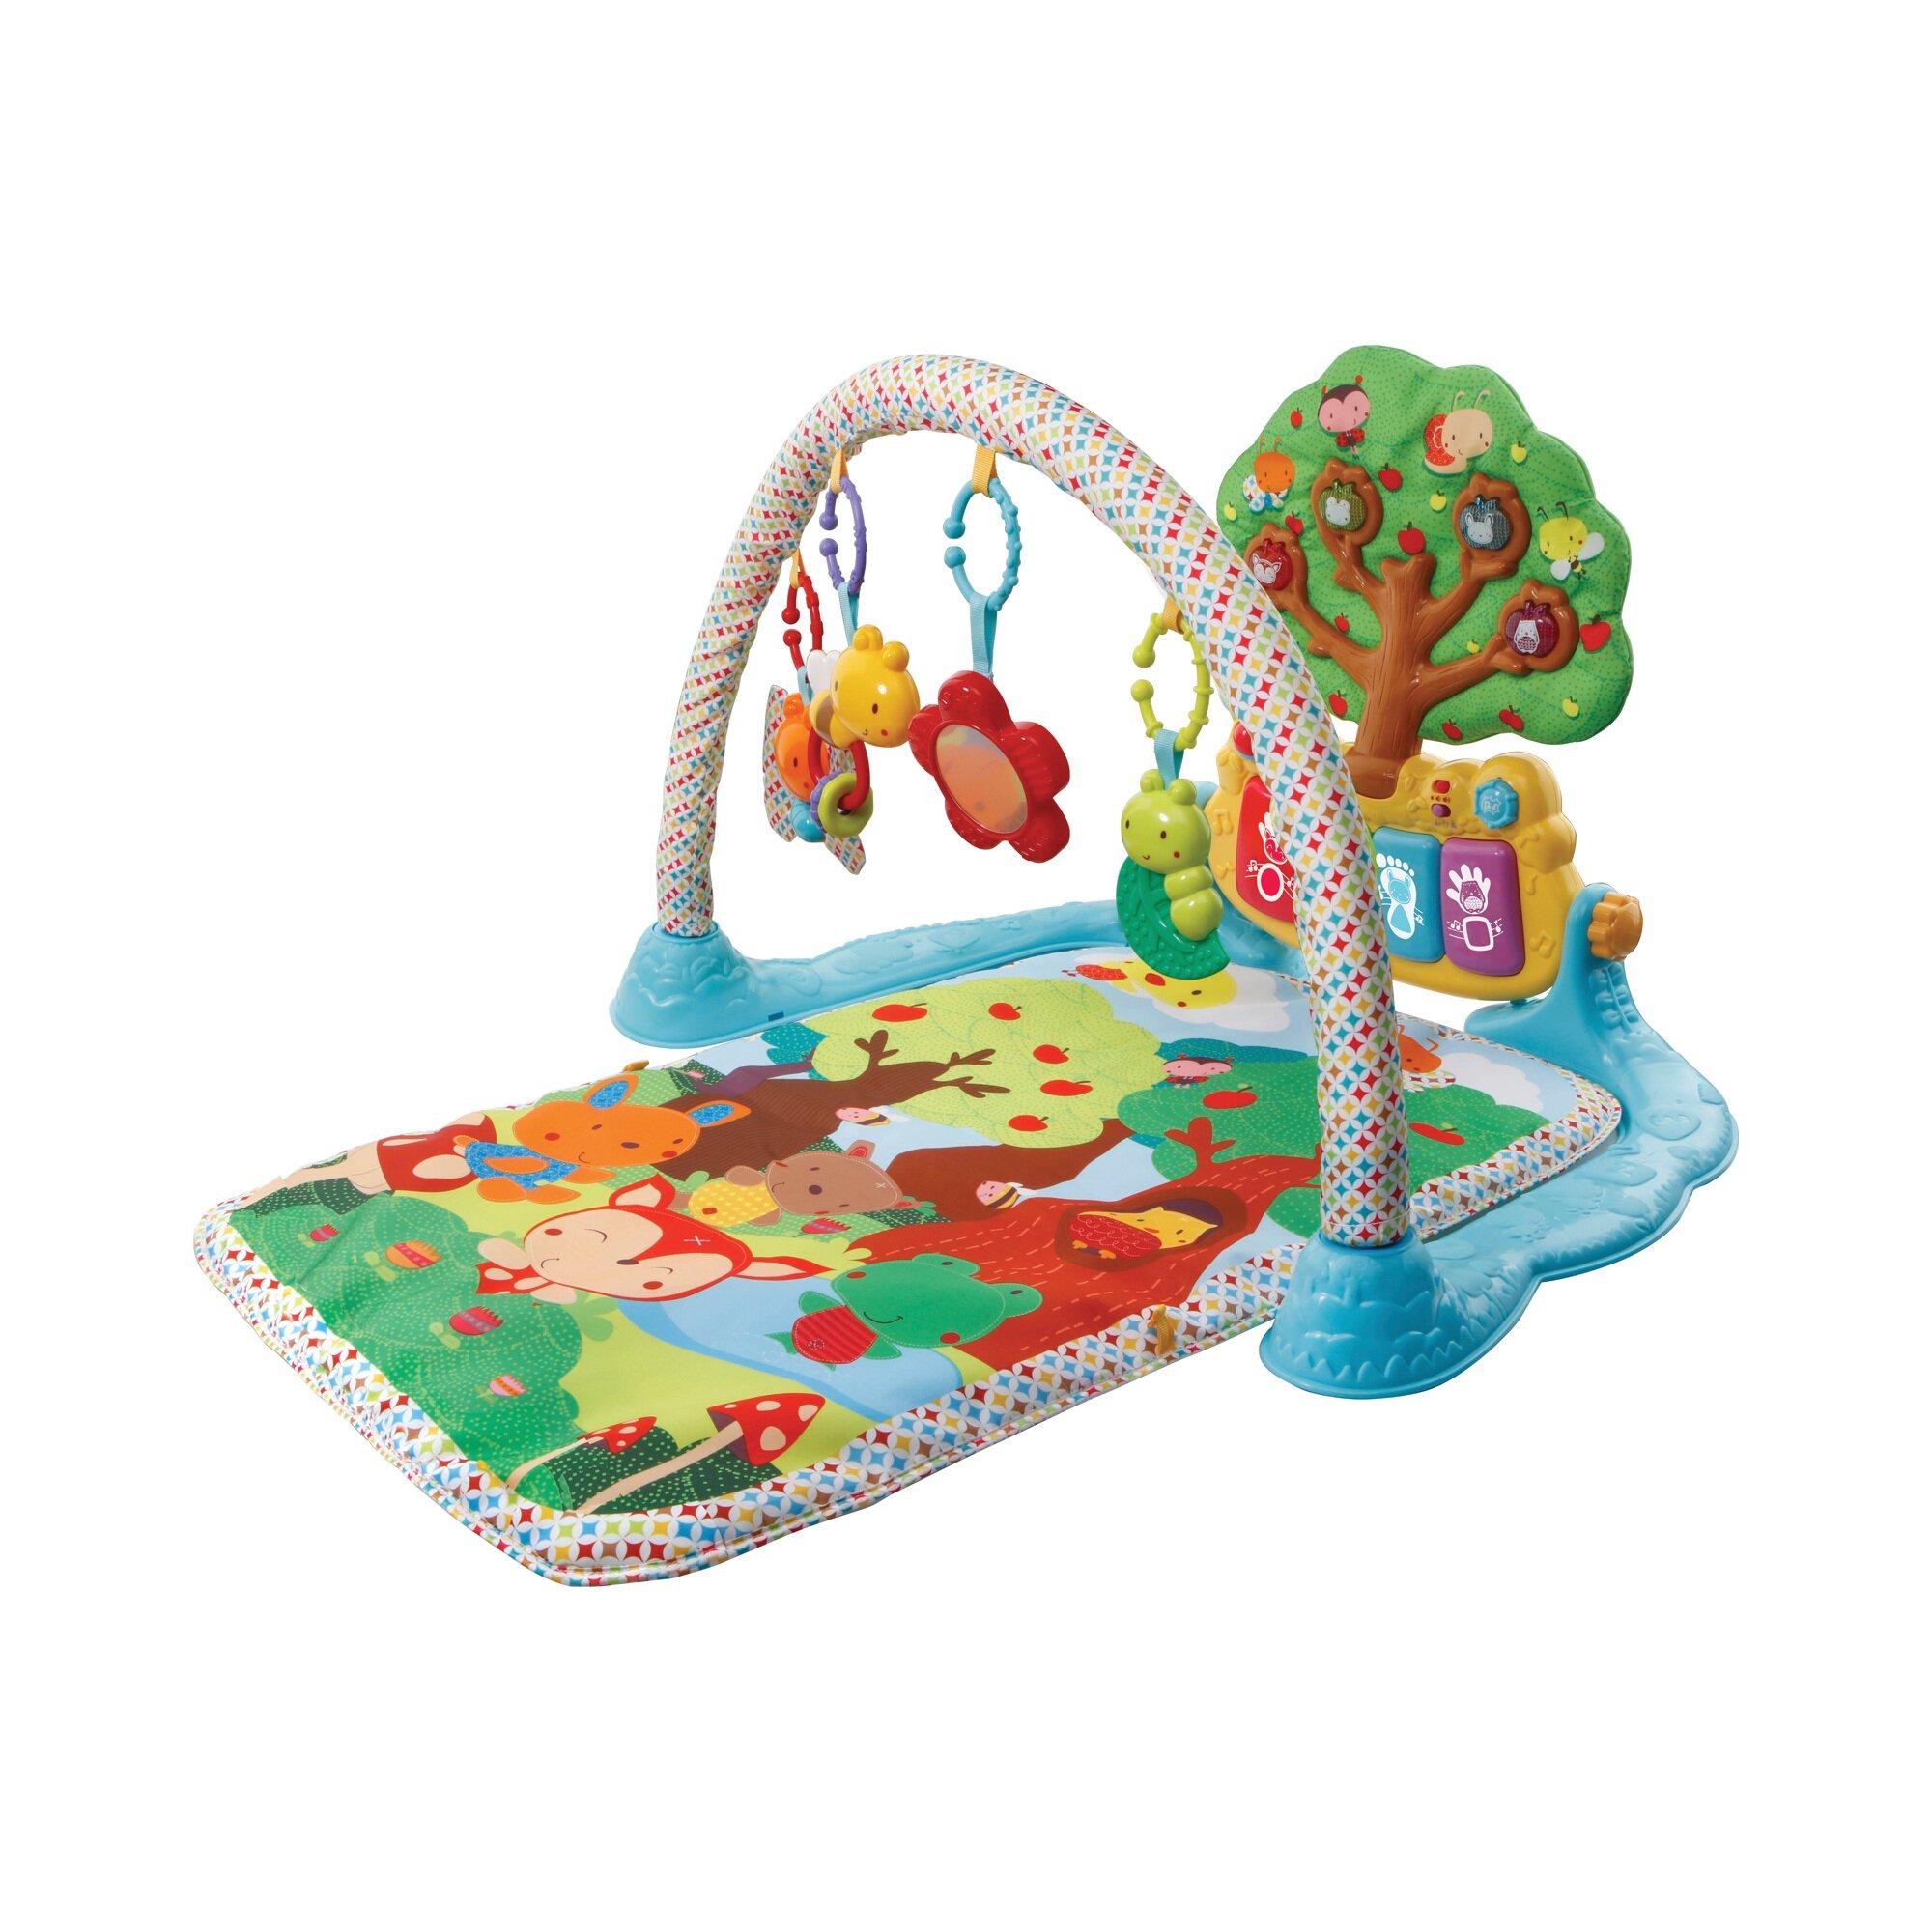 Baby Spielbogen mit Musik-Spieldecke mehrfarbig